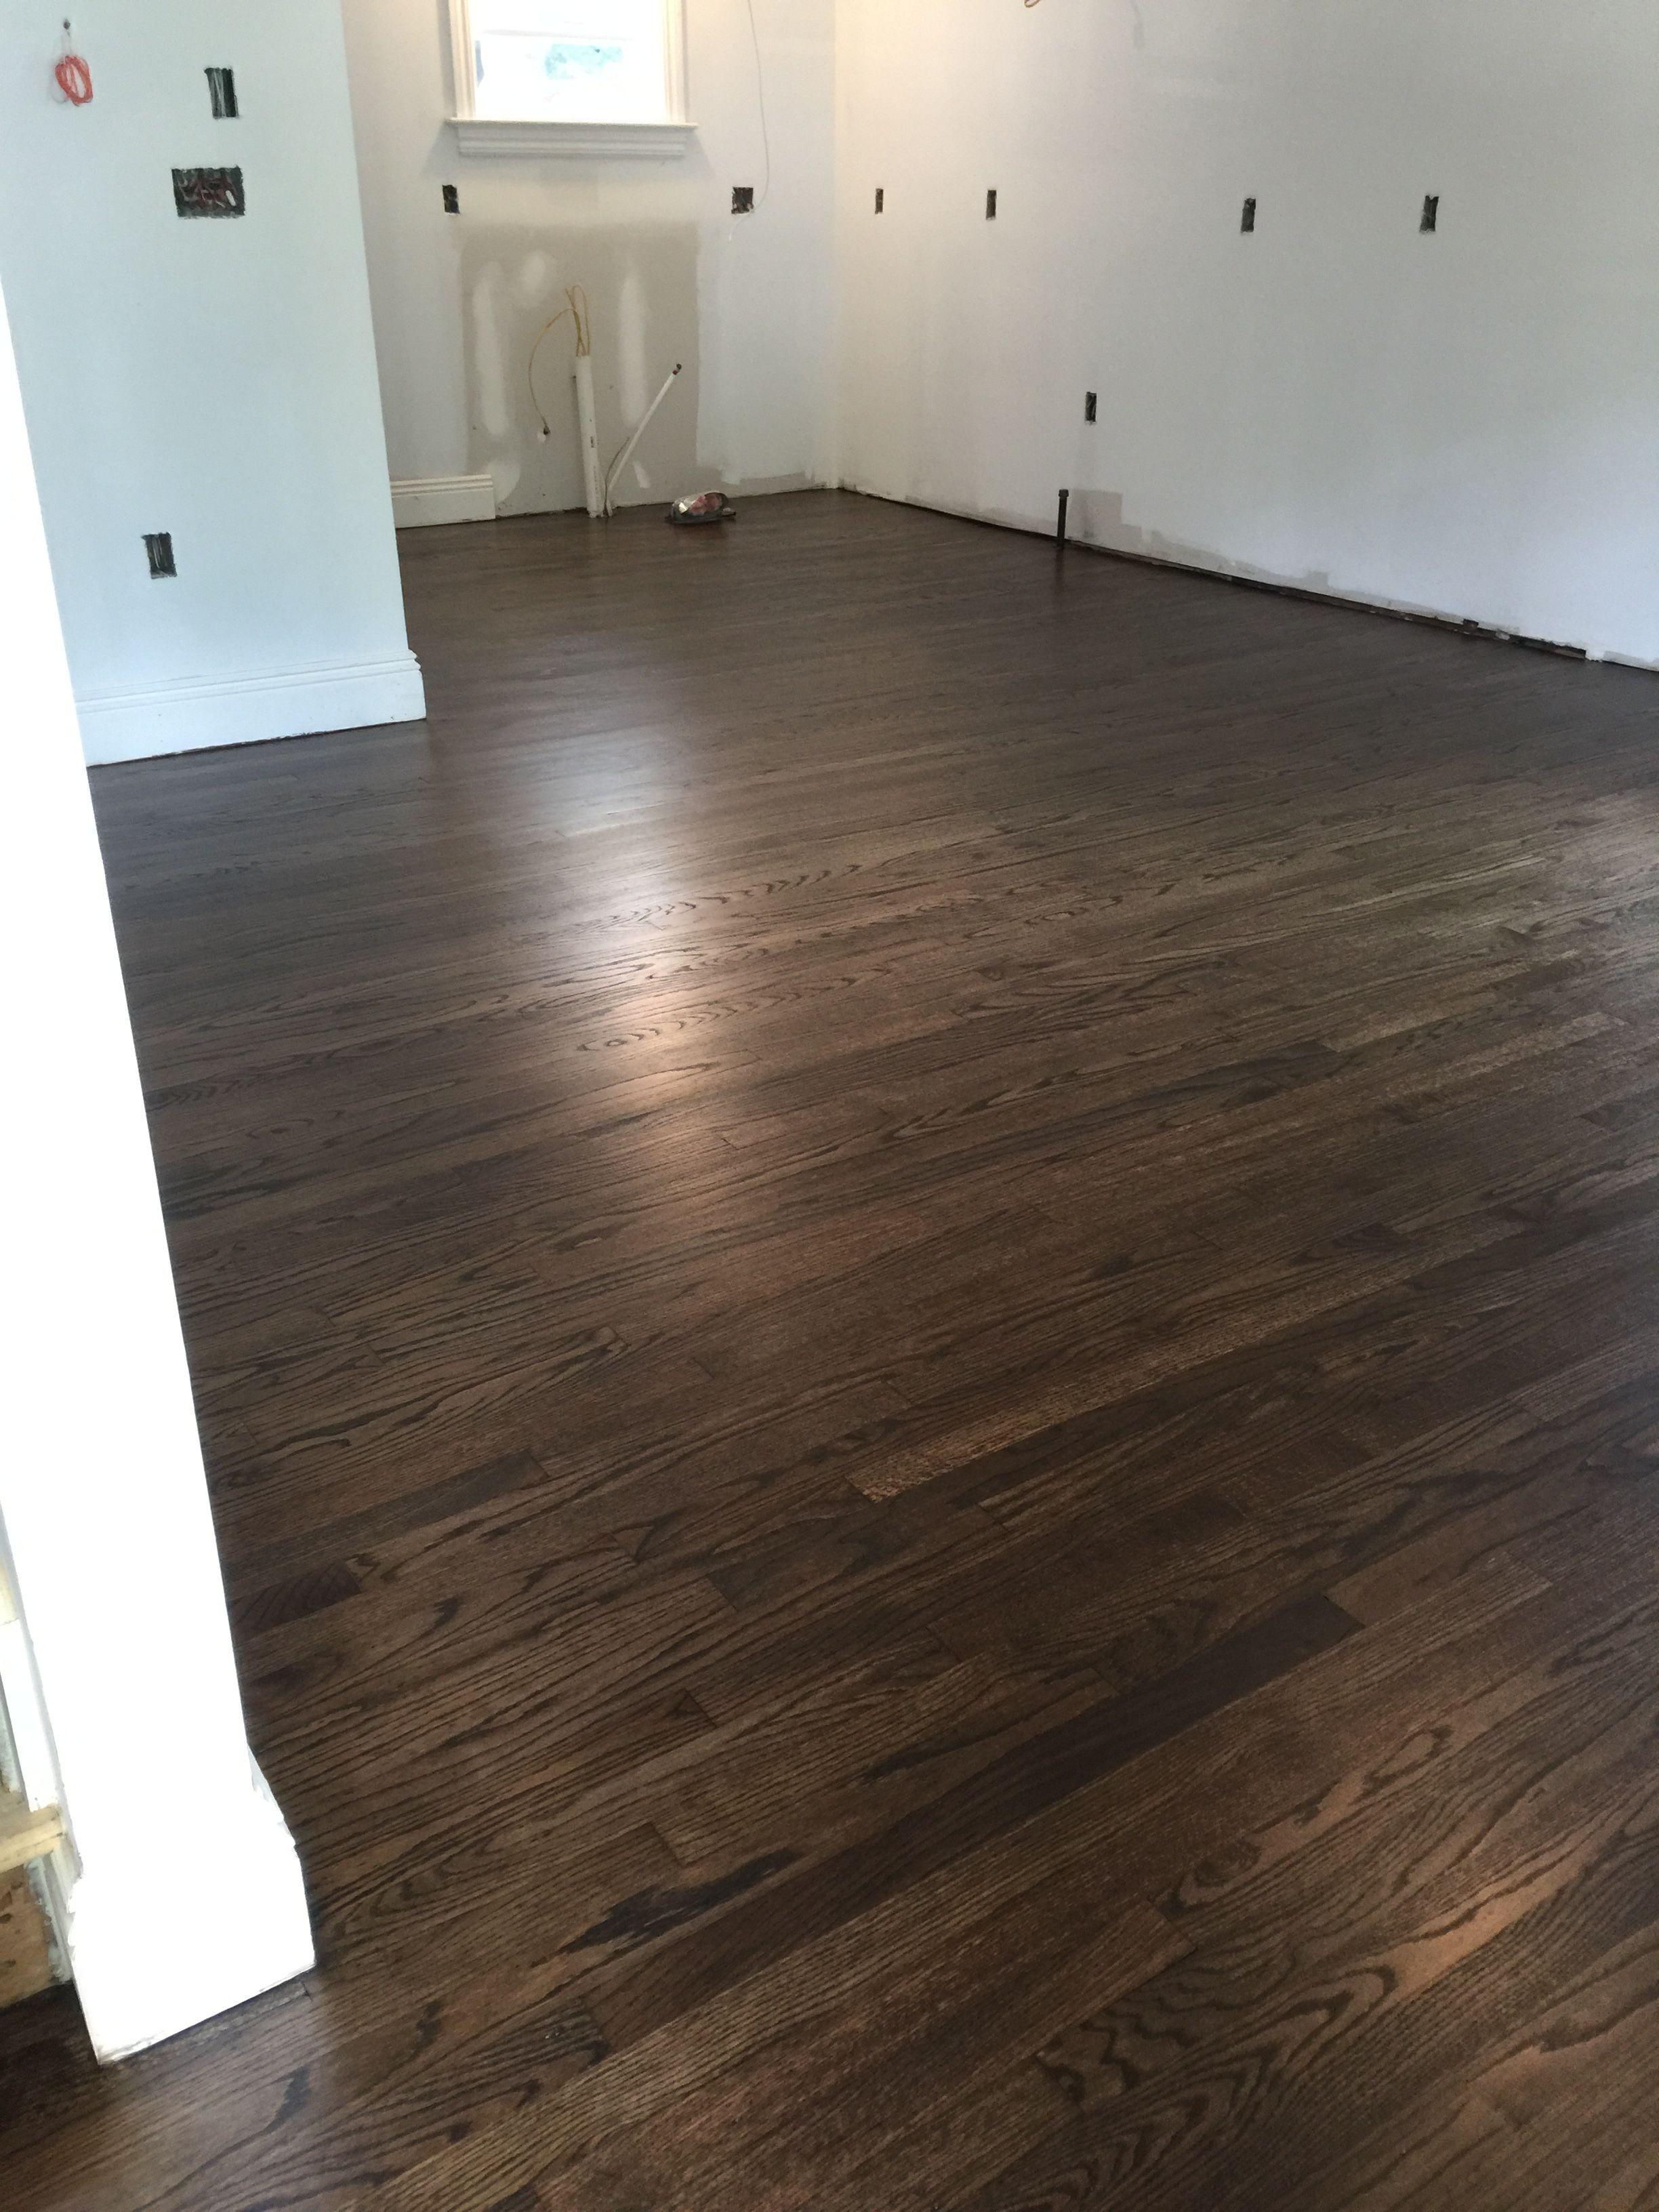 hardwood flooring naperville of provenza floor luxury jacobean stain on white oak intended for provenza floor luxury jacobean stain on white oak interior design inspiration of provenza floor